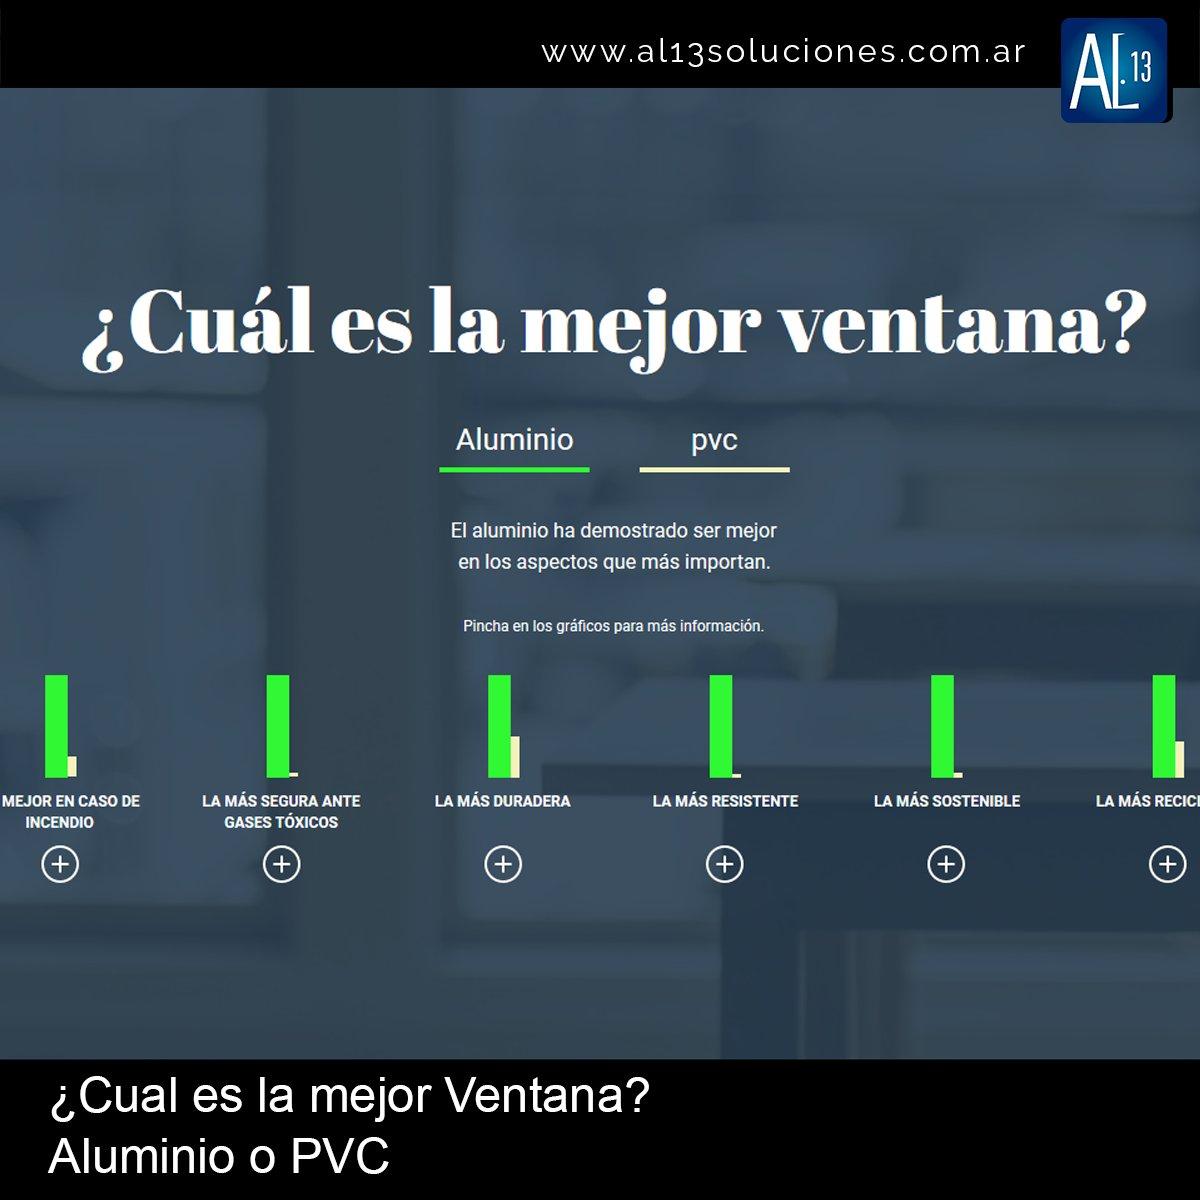 Al13soluciones On Twitter Cual Es La Mejor Ventana Aluminio O  ~ Ventanas De Pvc O Aluminio Cual Es Mejor